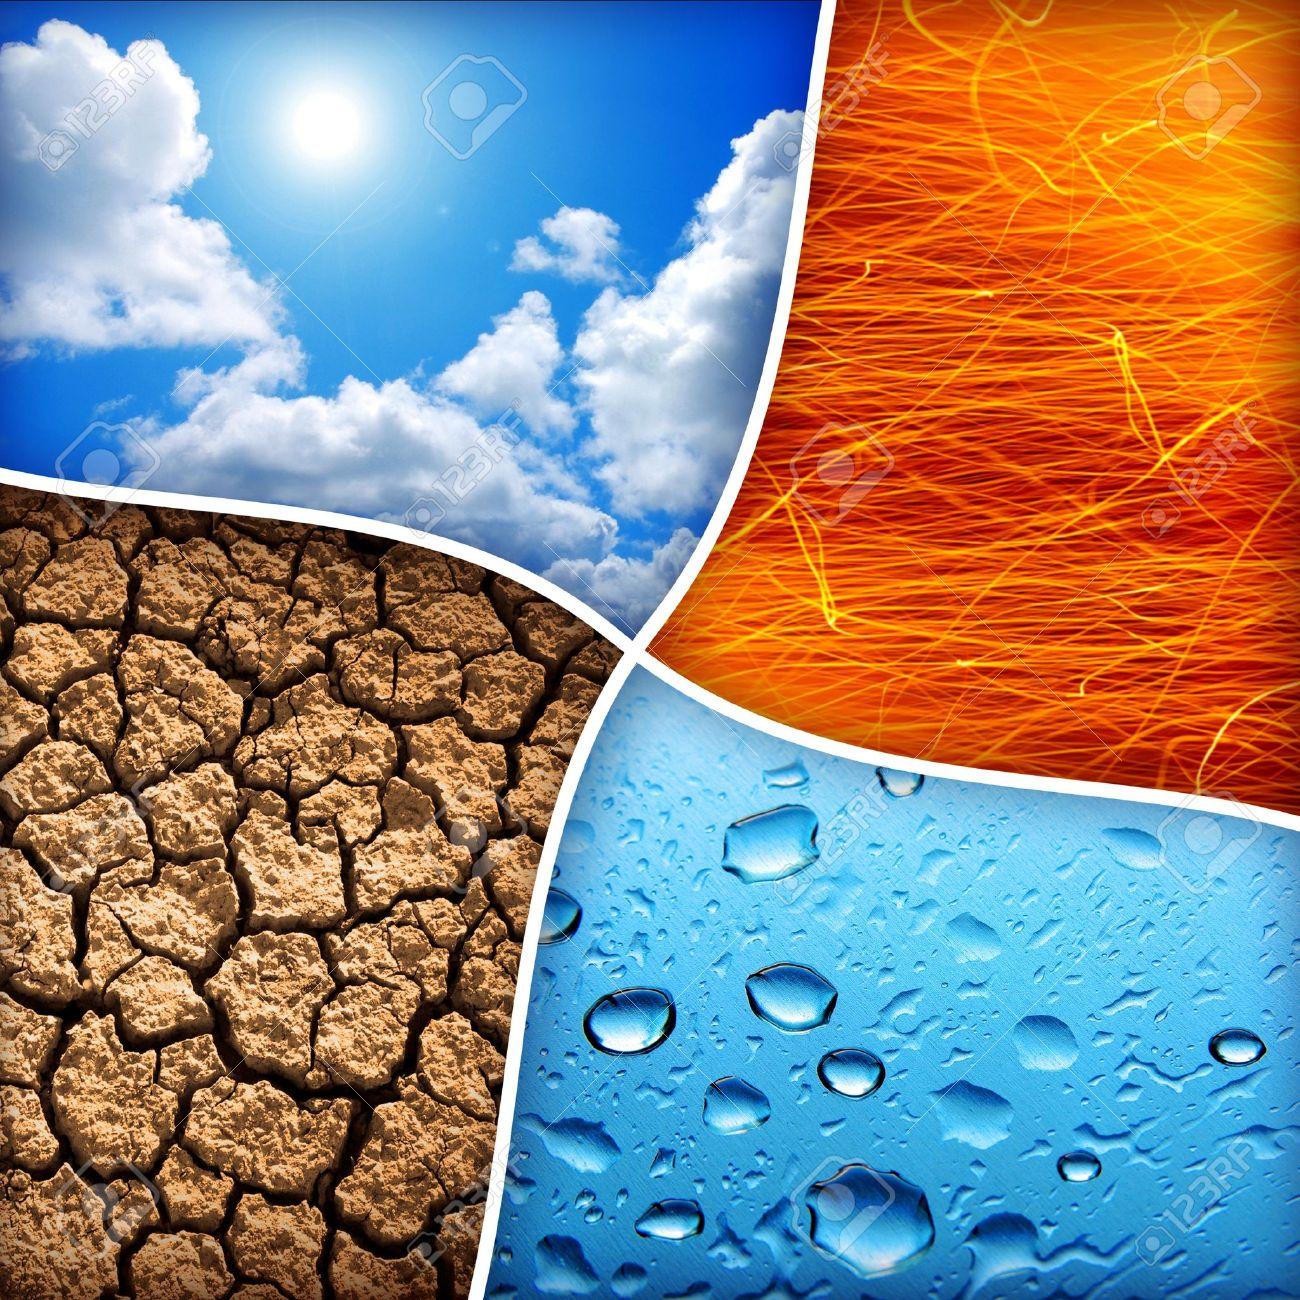 Zusammensetzung Der Vier Natürlichen Elemente Wasser Feuer Erde